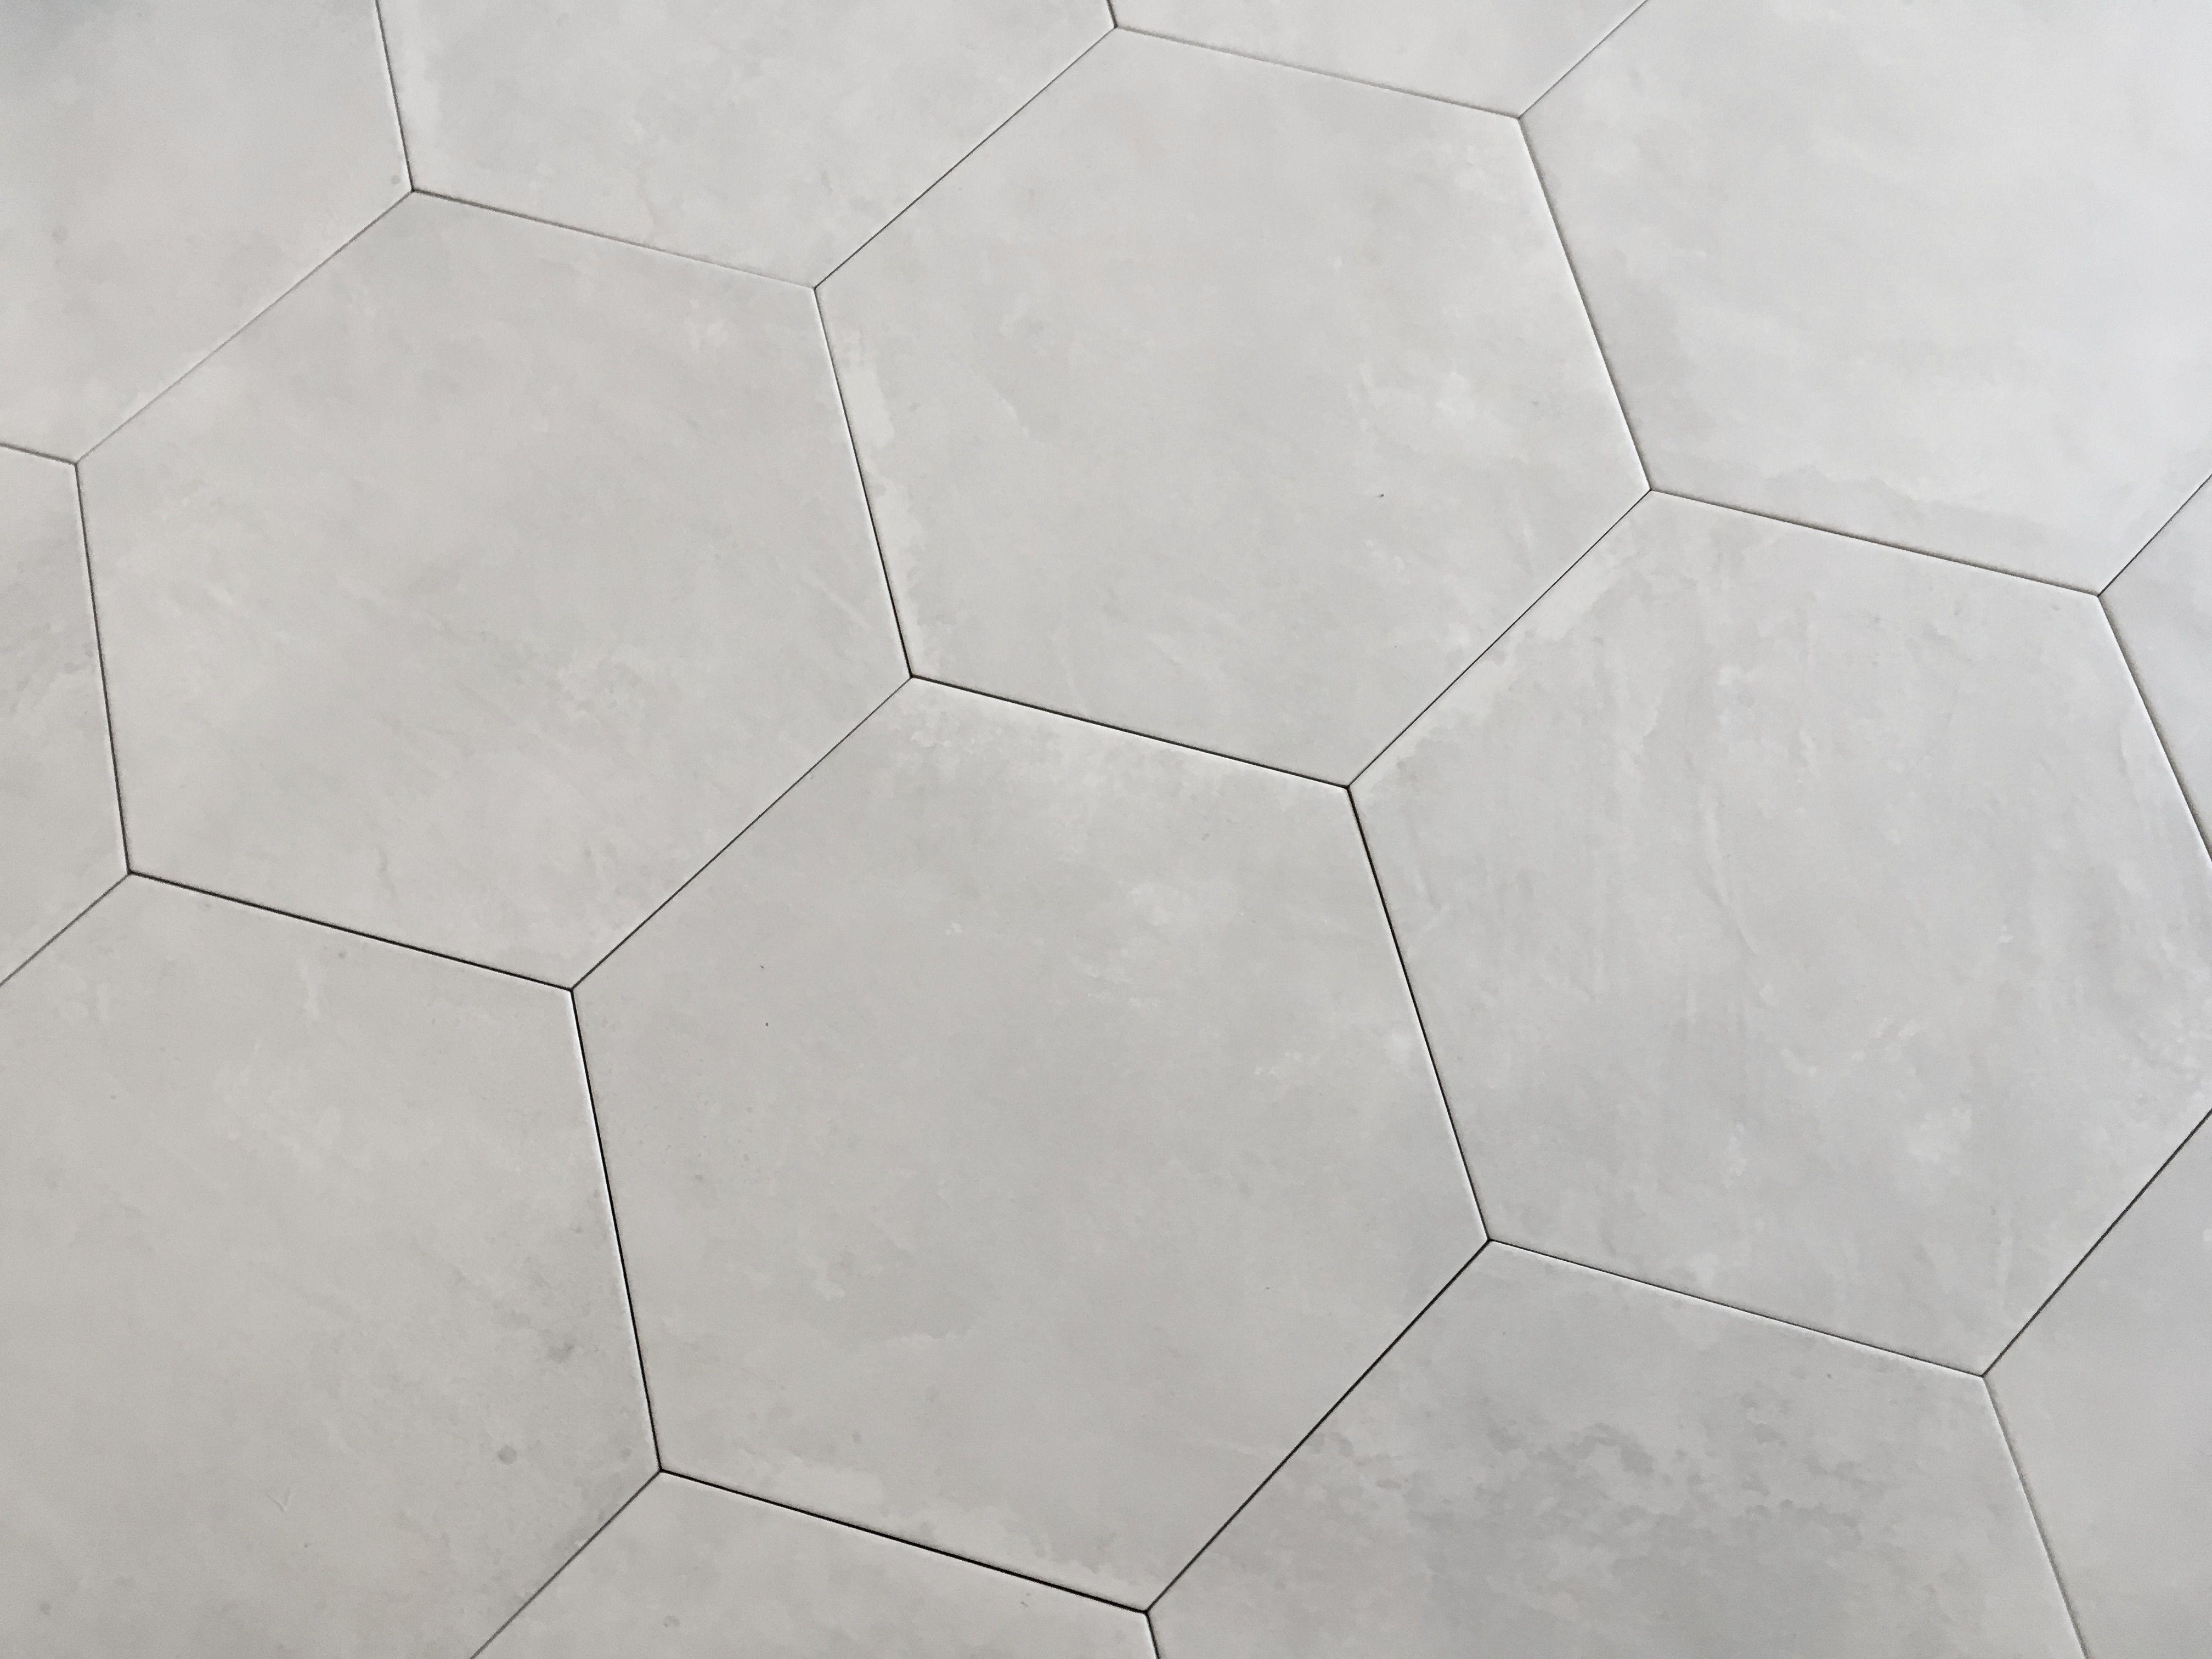 Plytki Heksagonalne Cementowe Szare Gresowe Beton Szare 25 4x29